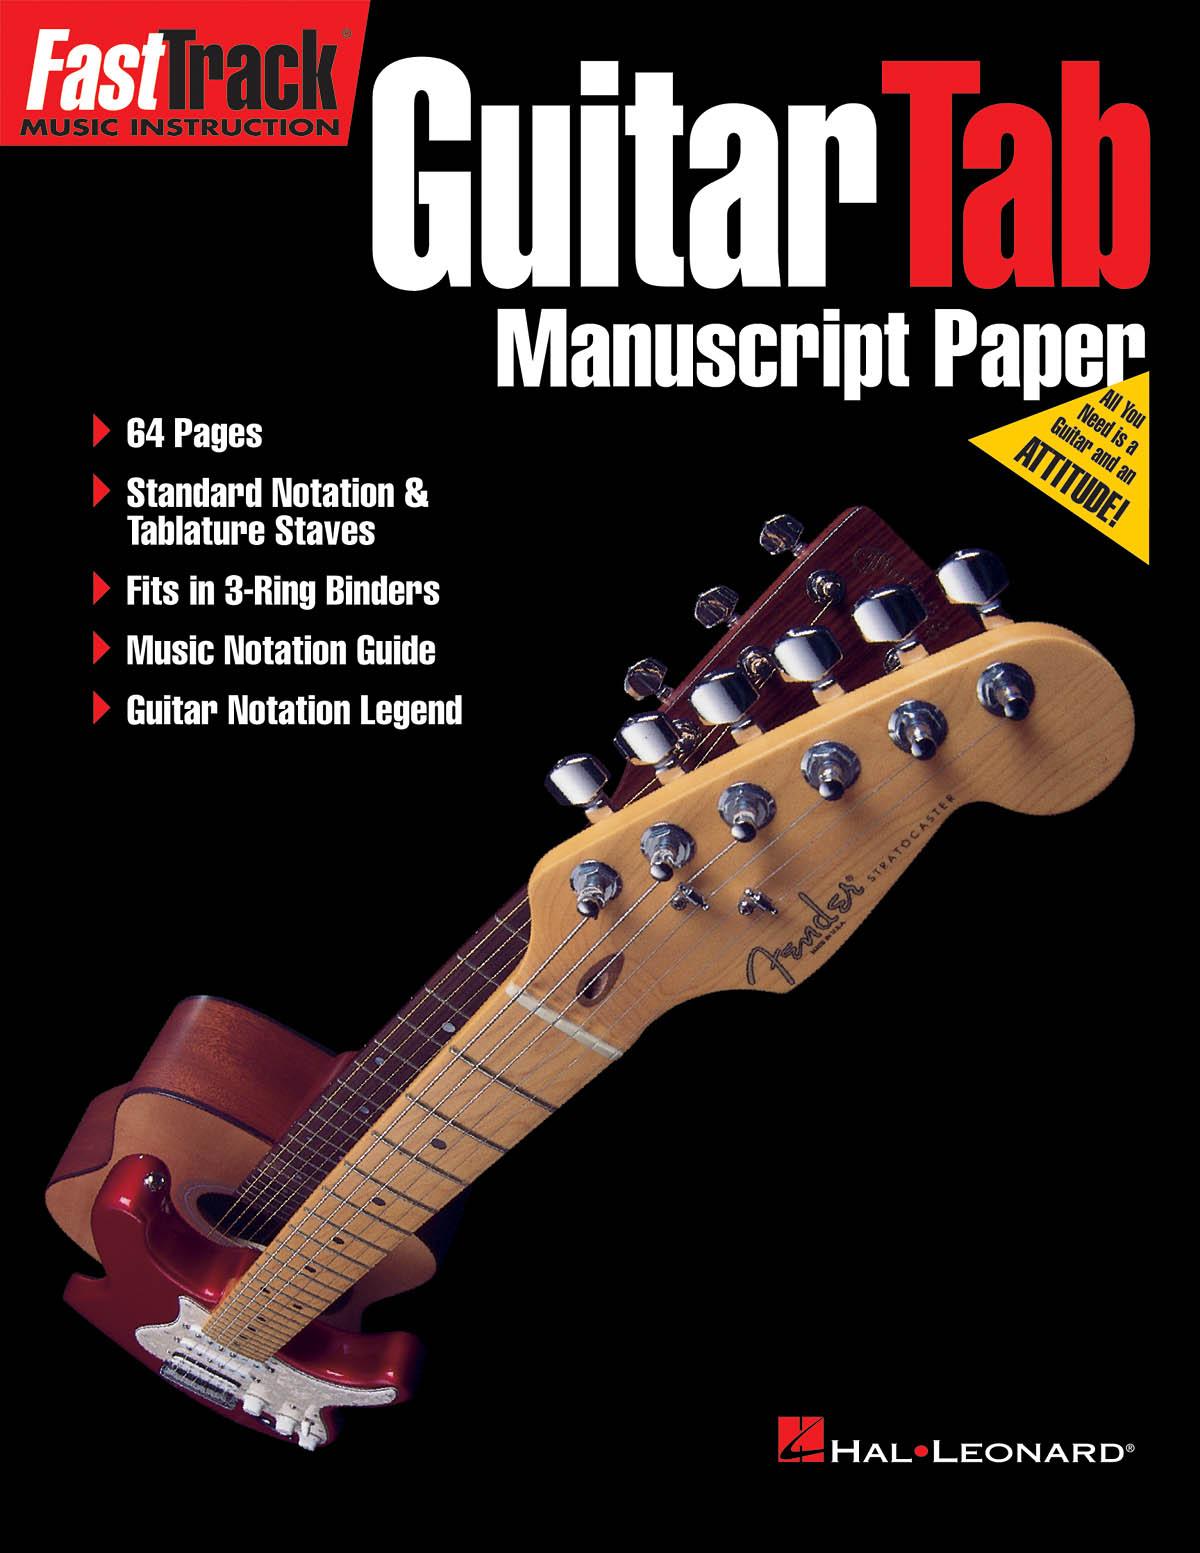 FastTrack - Guitar Tab Manuscript Paper: Manuscript Paper: Manuscript